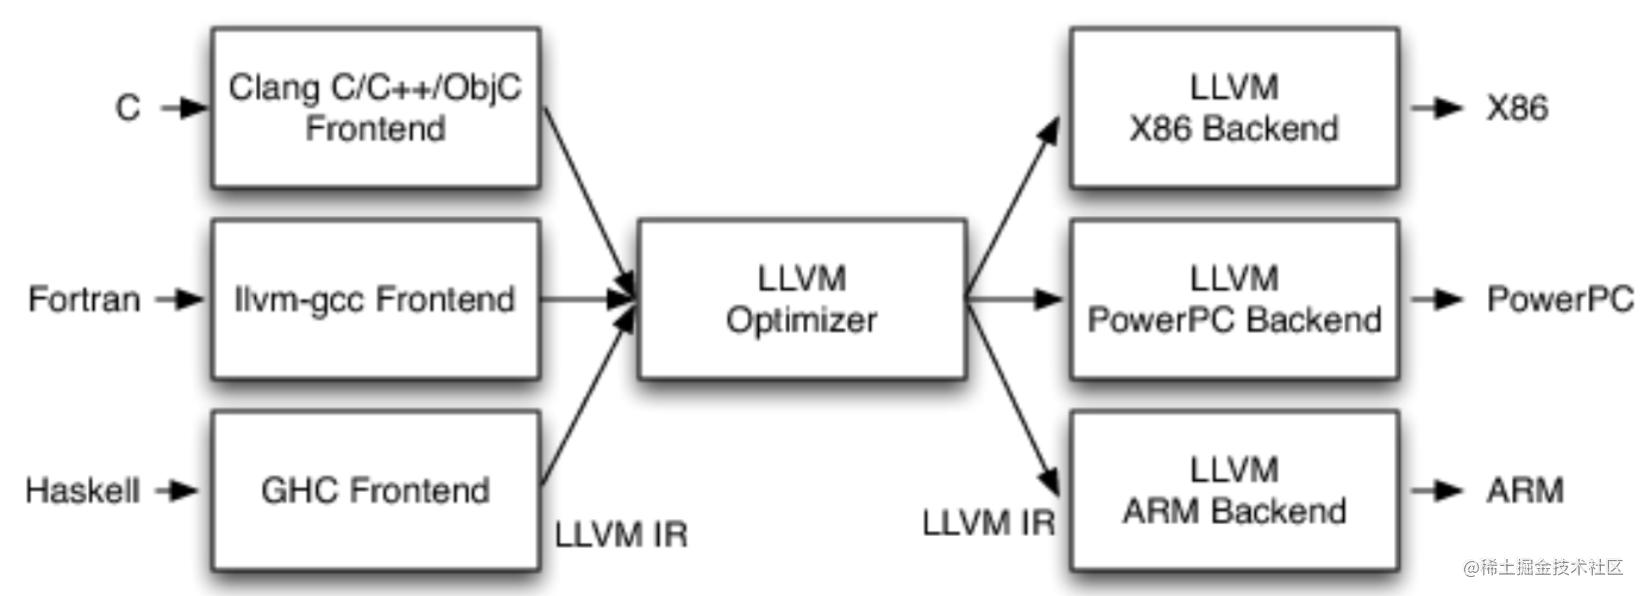 LLVM架构